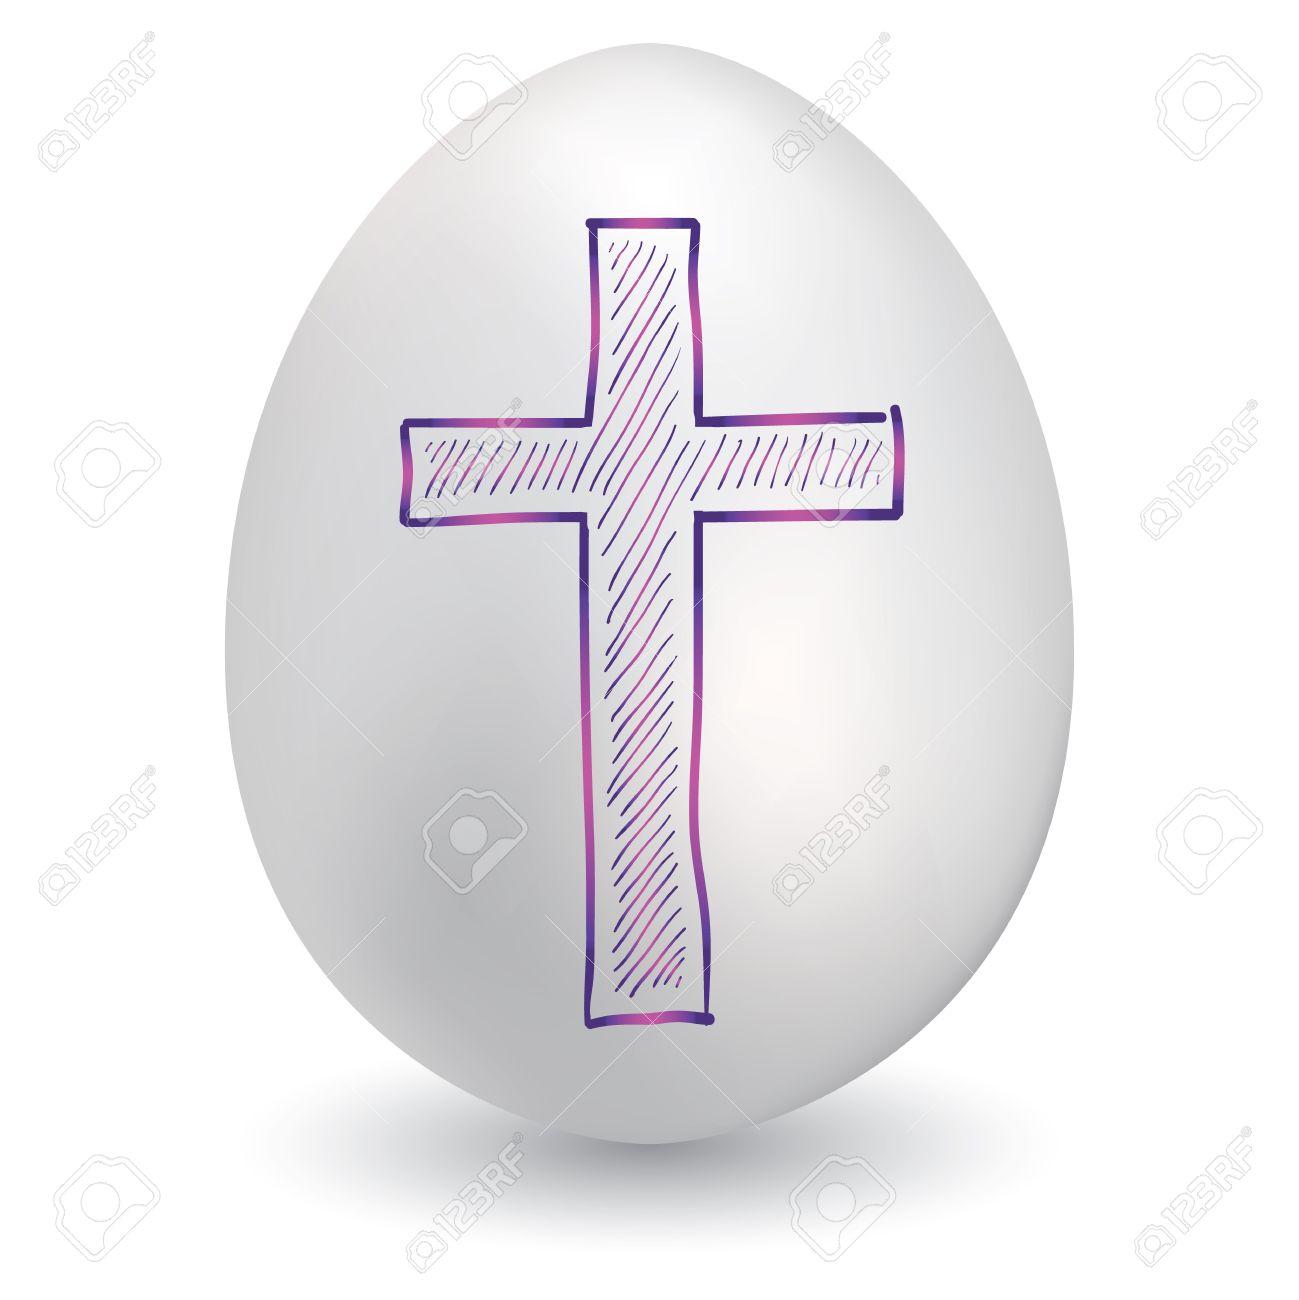 Easter egg cross clipart banner royalty free download Easter egg cross clipart - ClipartFest banner royalty free download